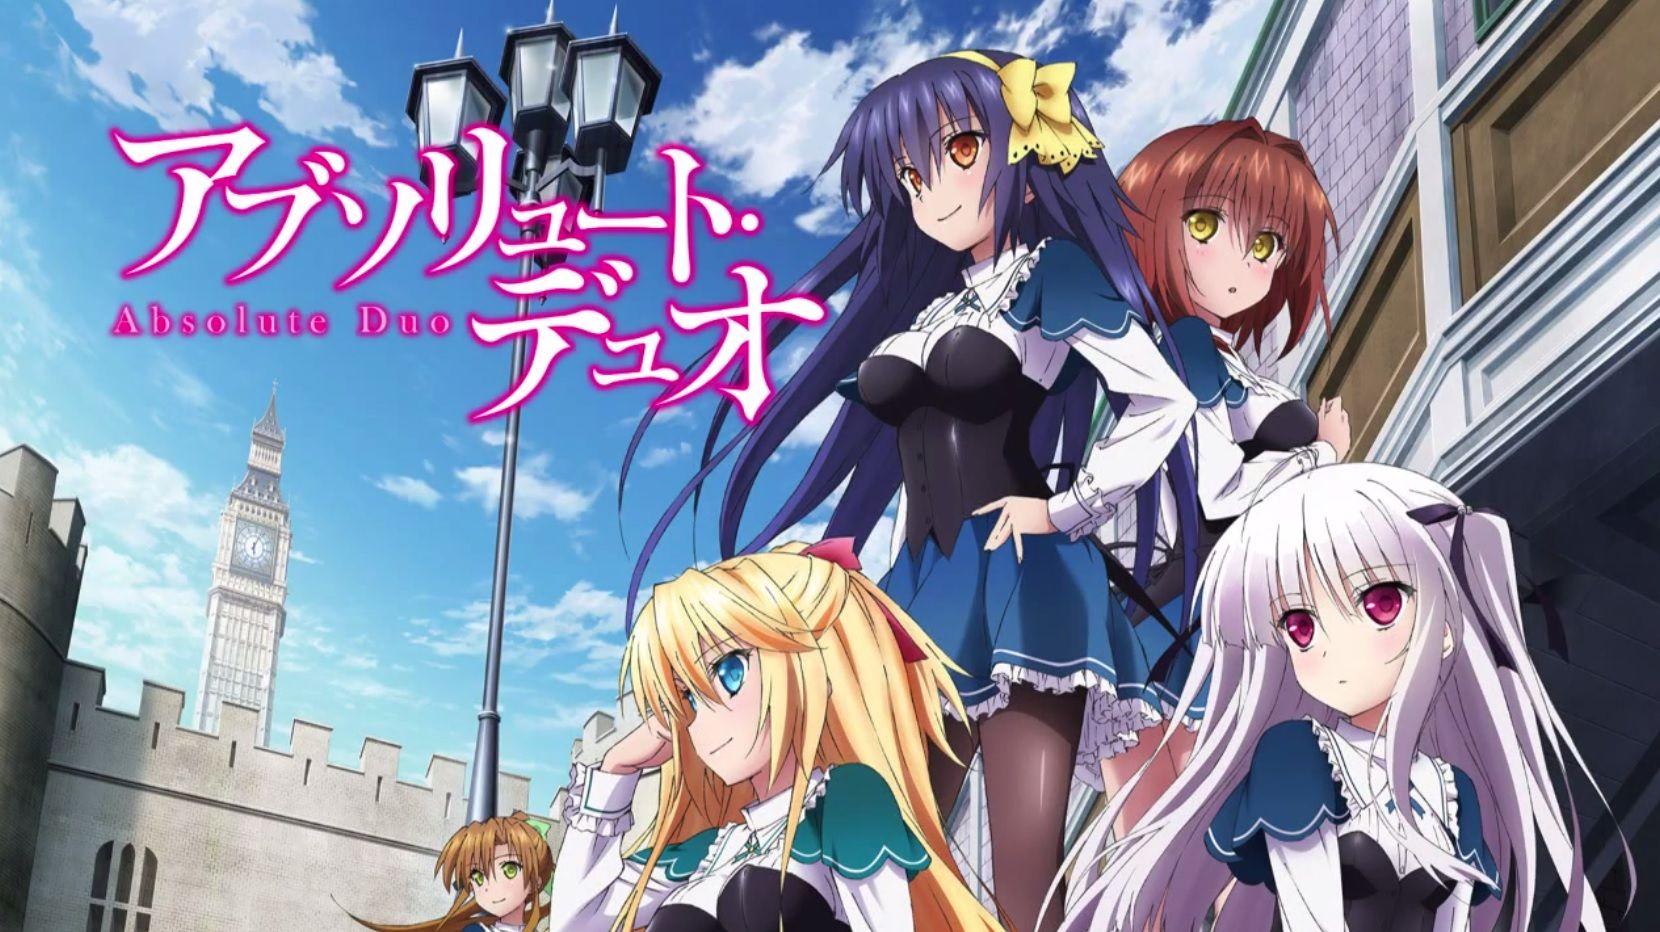 Absolute Duo Vale ou não Vale ver Anime Reviews Anime